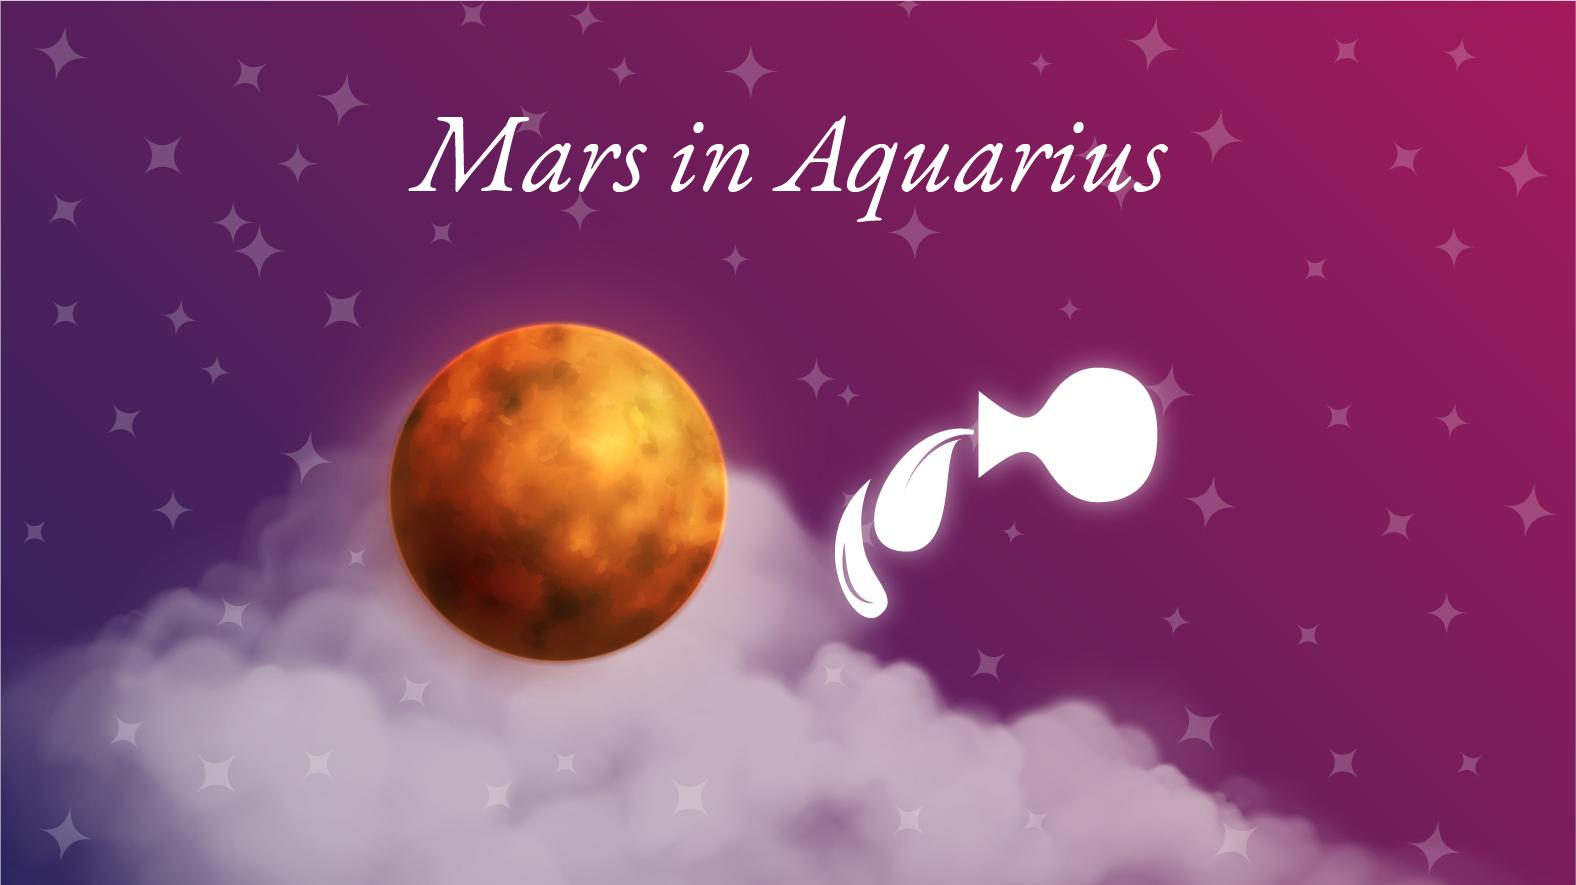 Mars in Aquarius Meaning